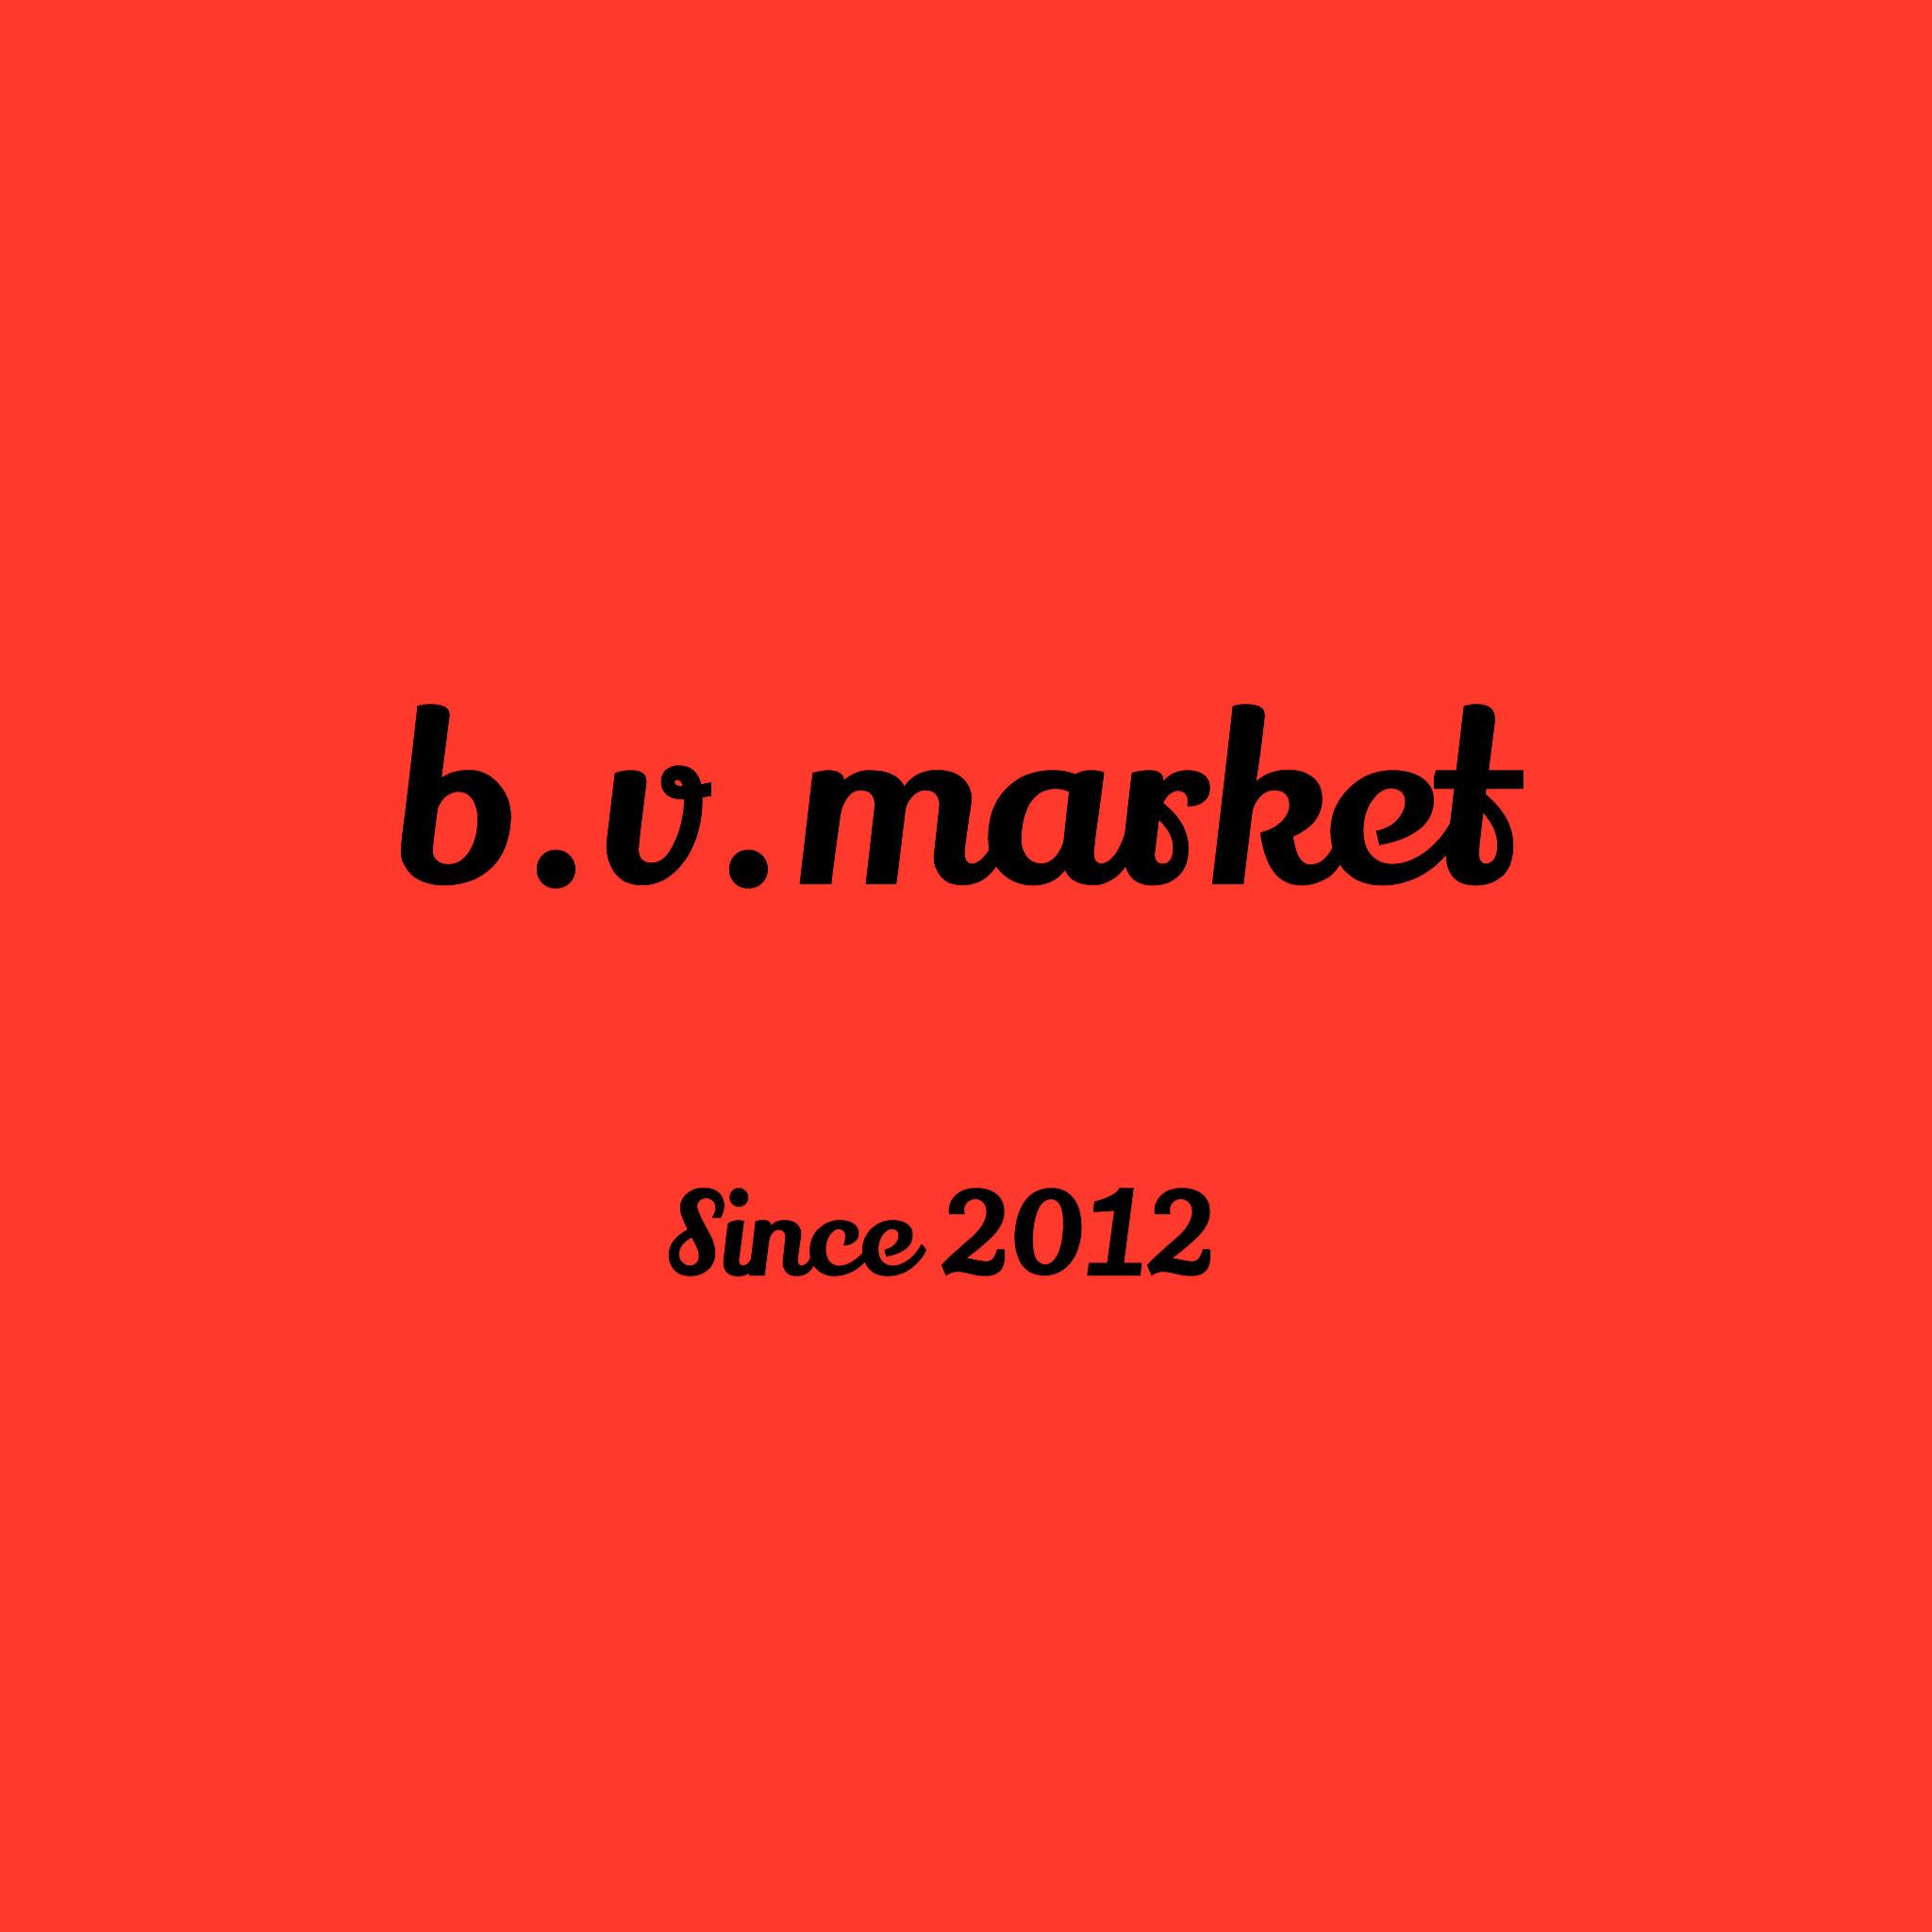 b.v.market